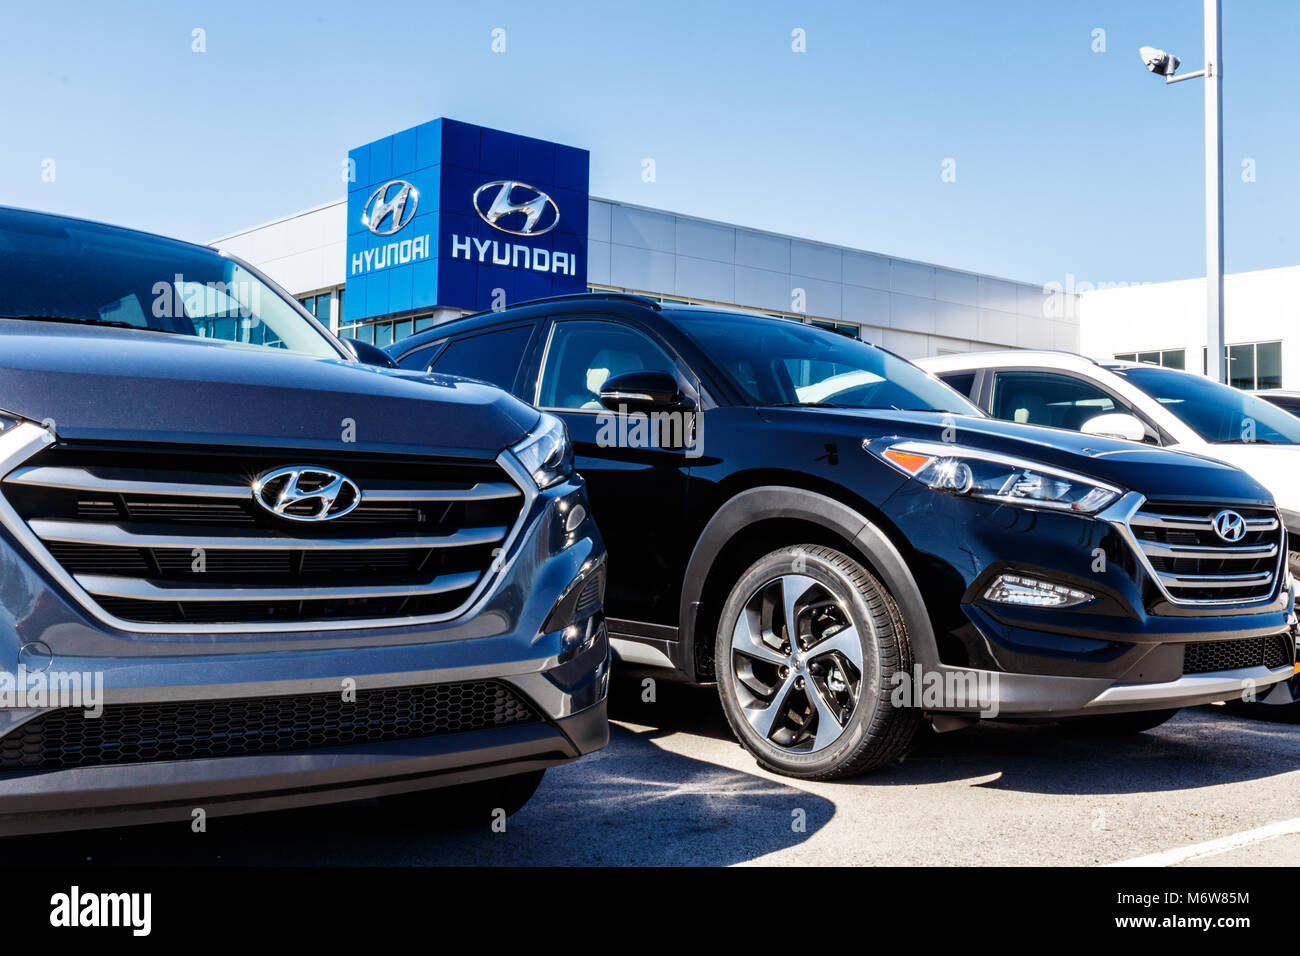 Hyundai Dealership Indianapolis >> Indianapolis Circa March 2018 Hyundai Motor Company Dealership